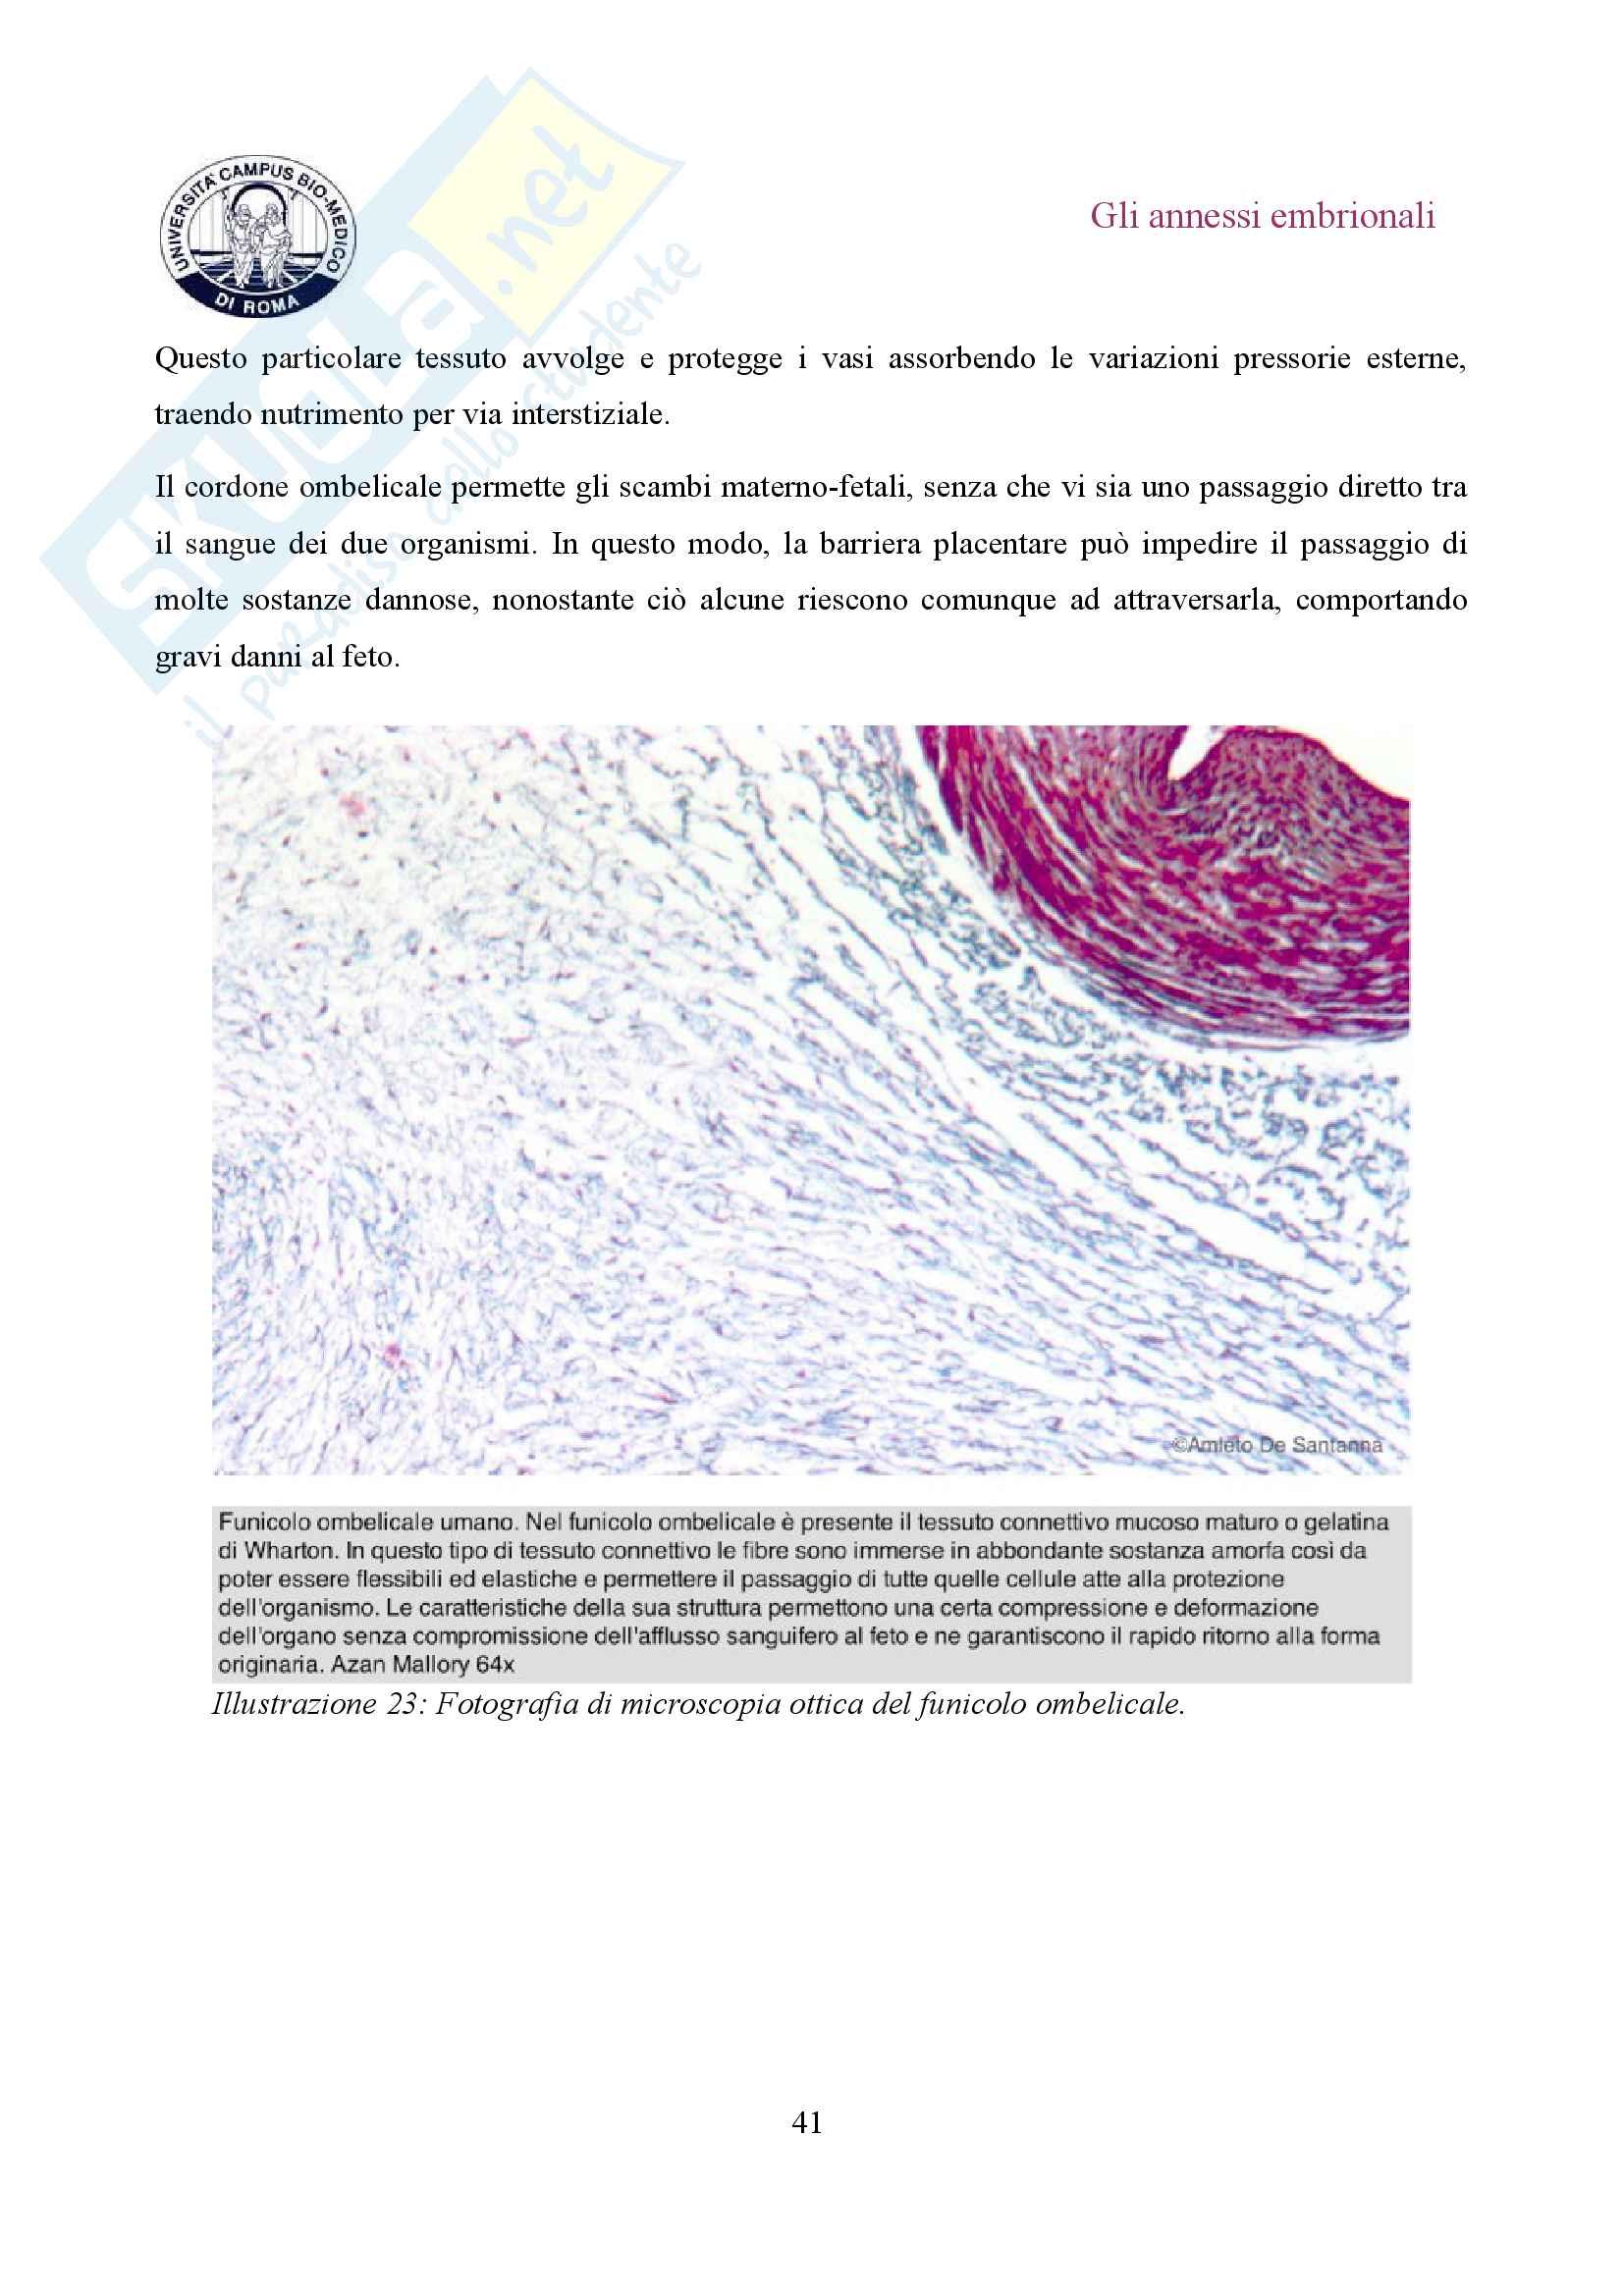 Gli annessi embrionali Pag. 41